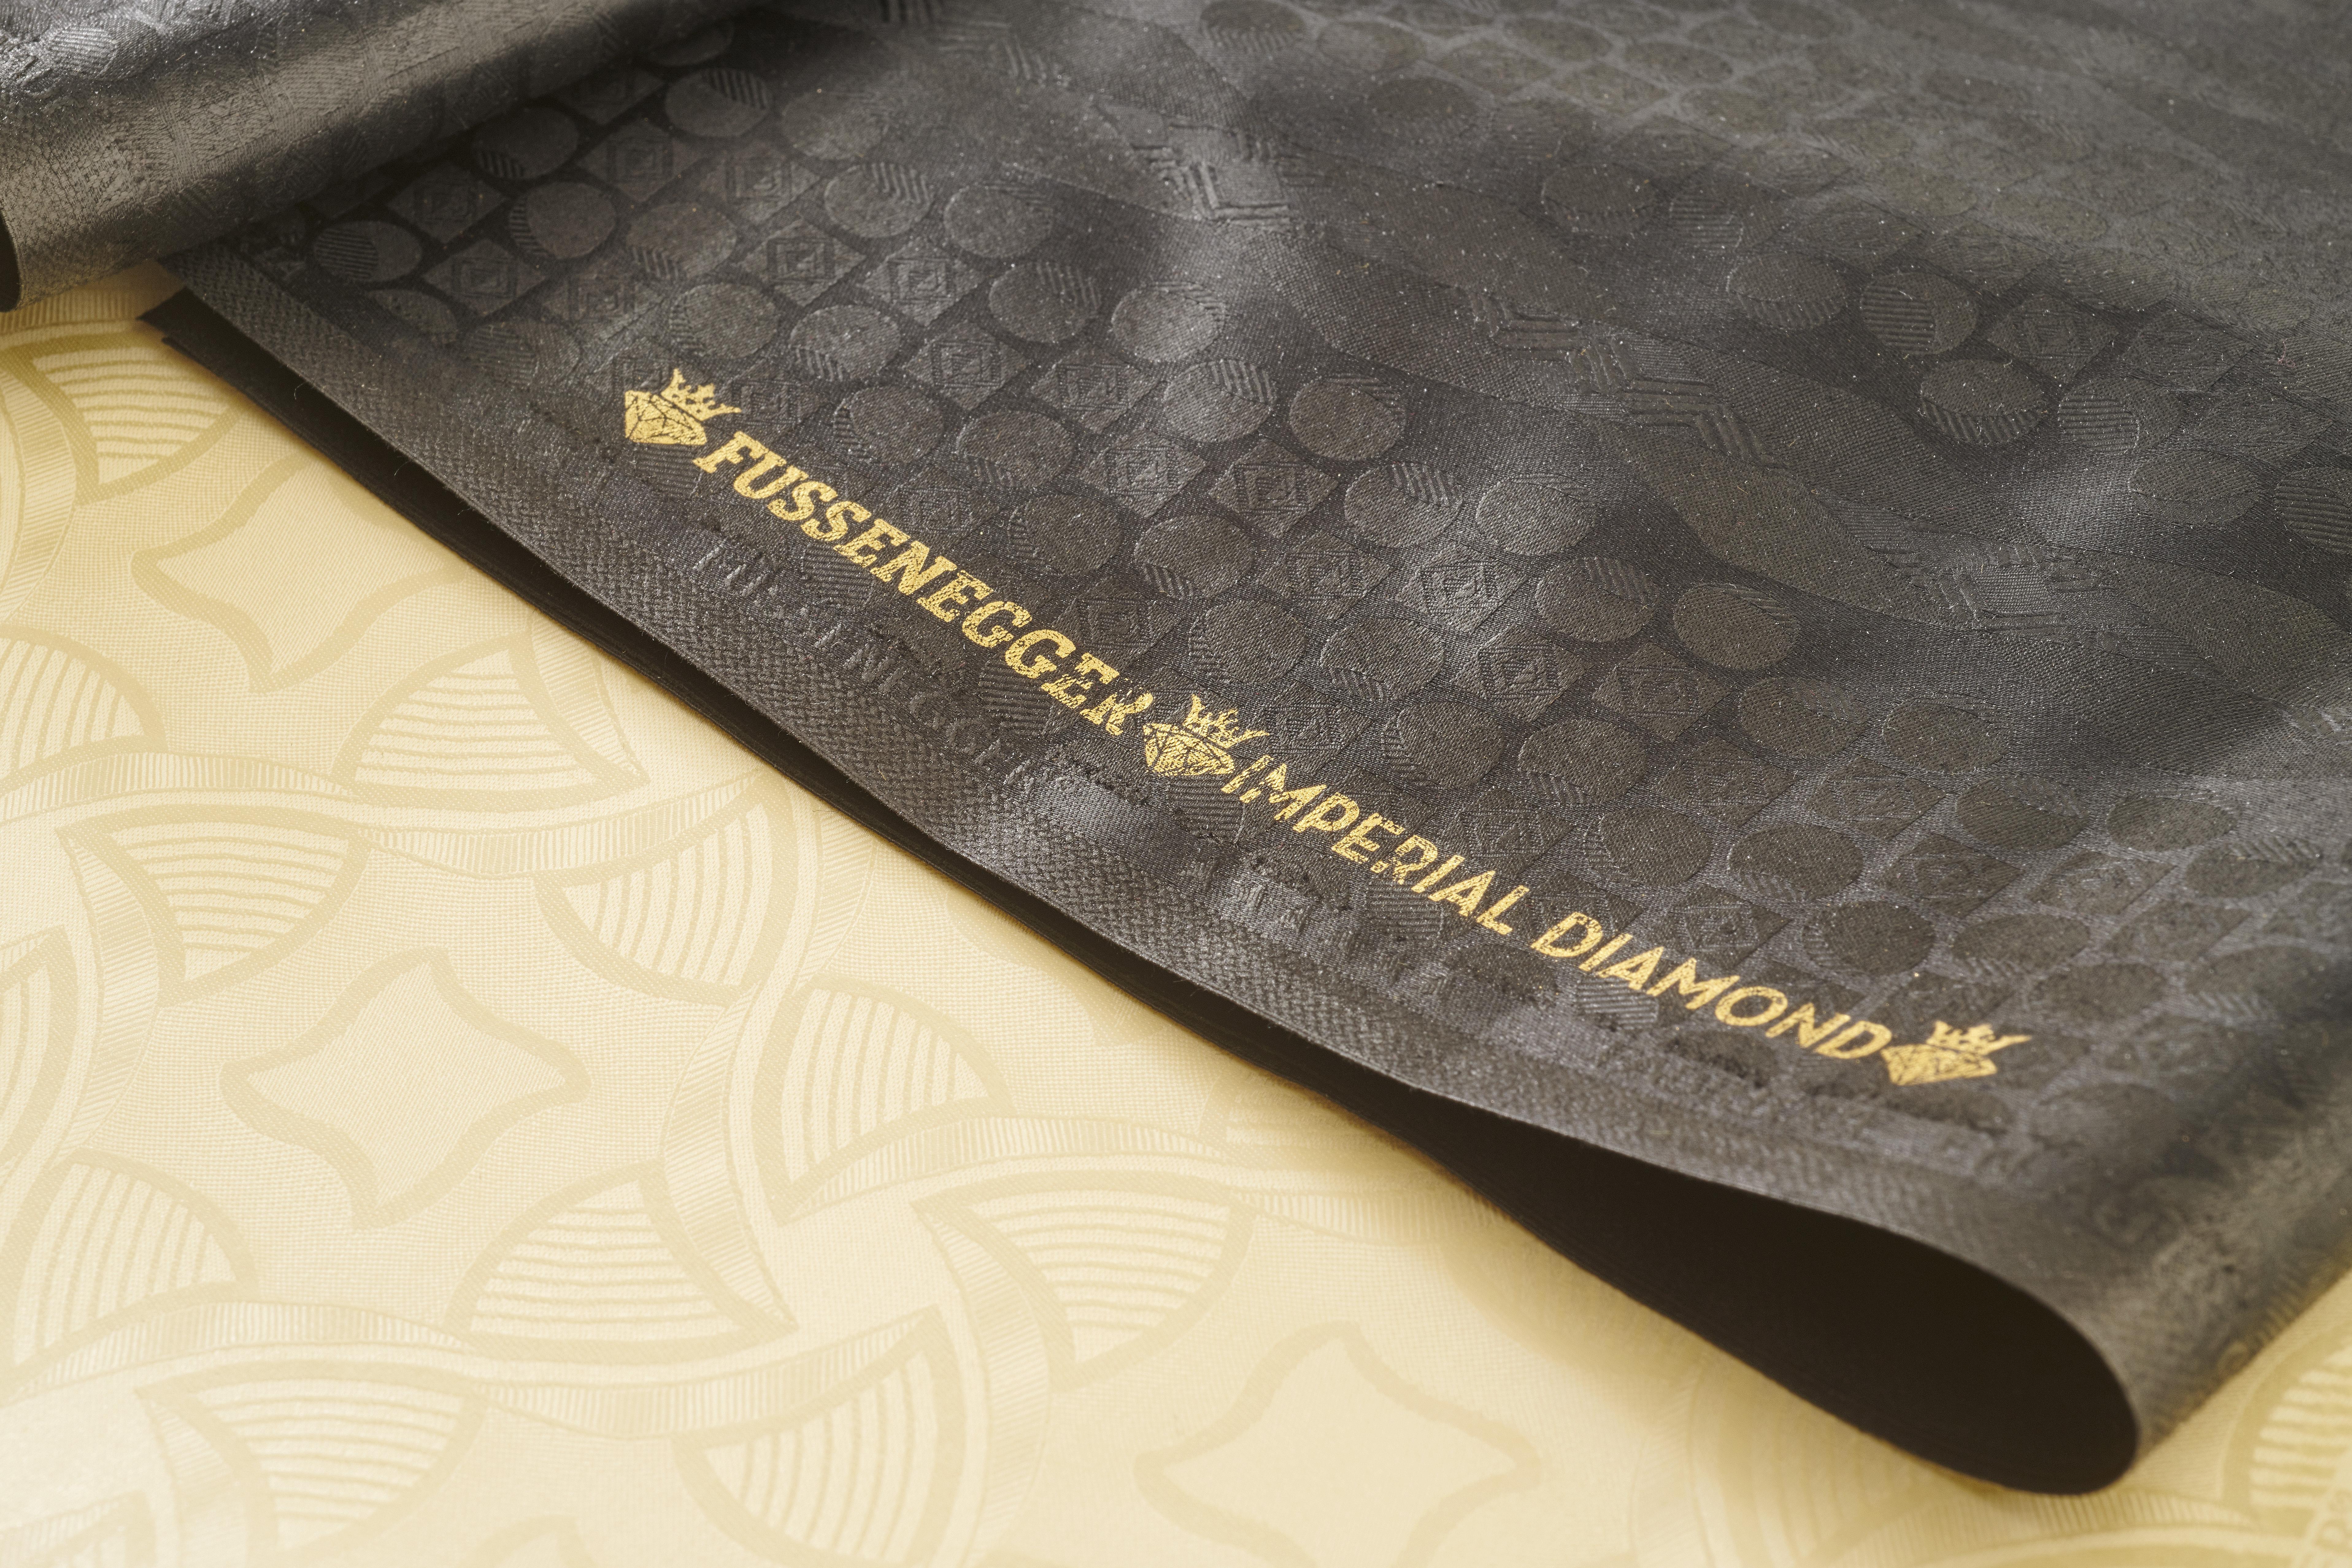 2017-10-16 Fussenegger Textil Produktfotos0182.jpg